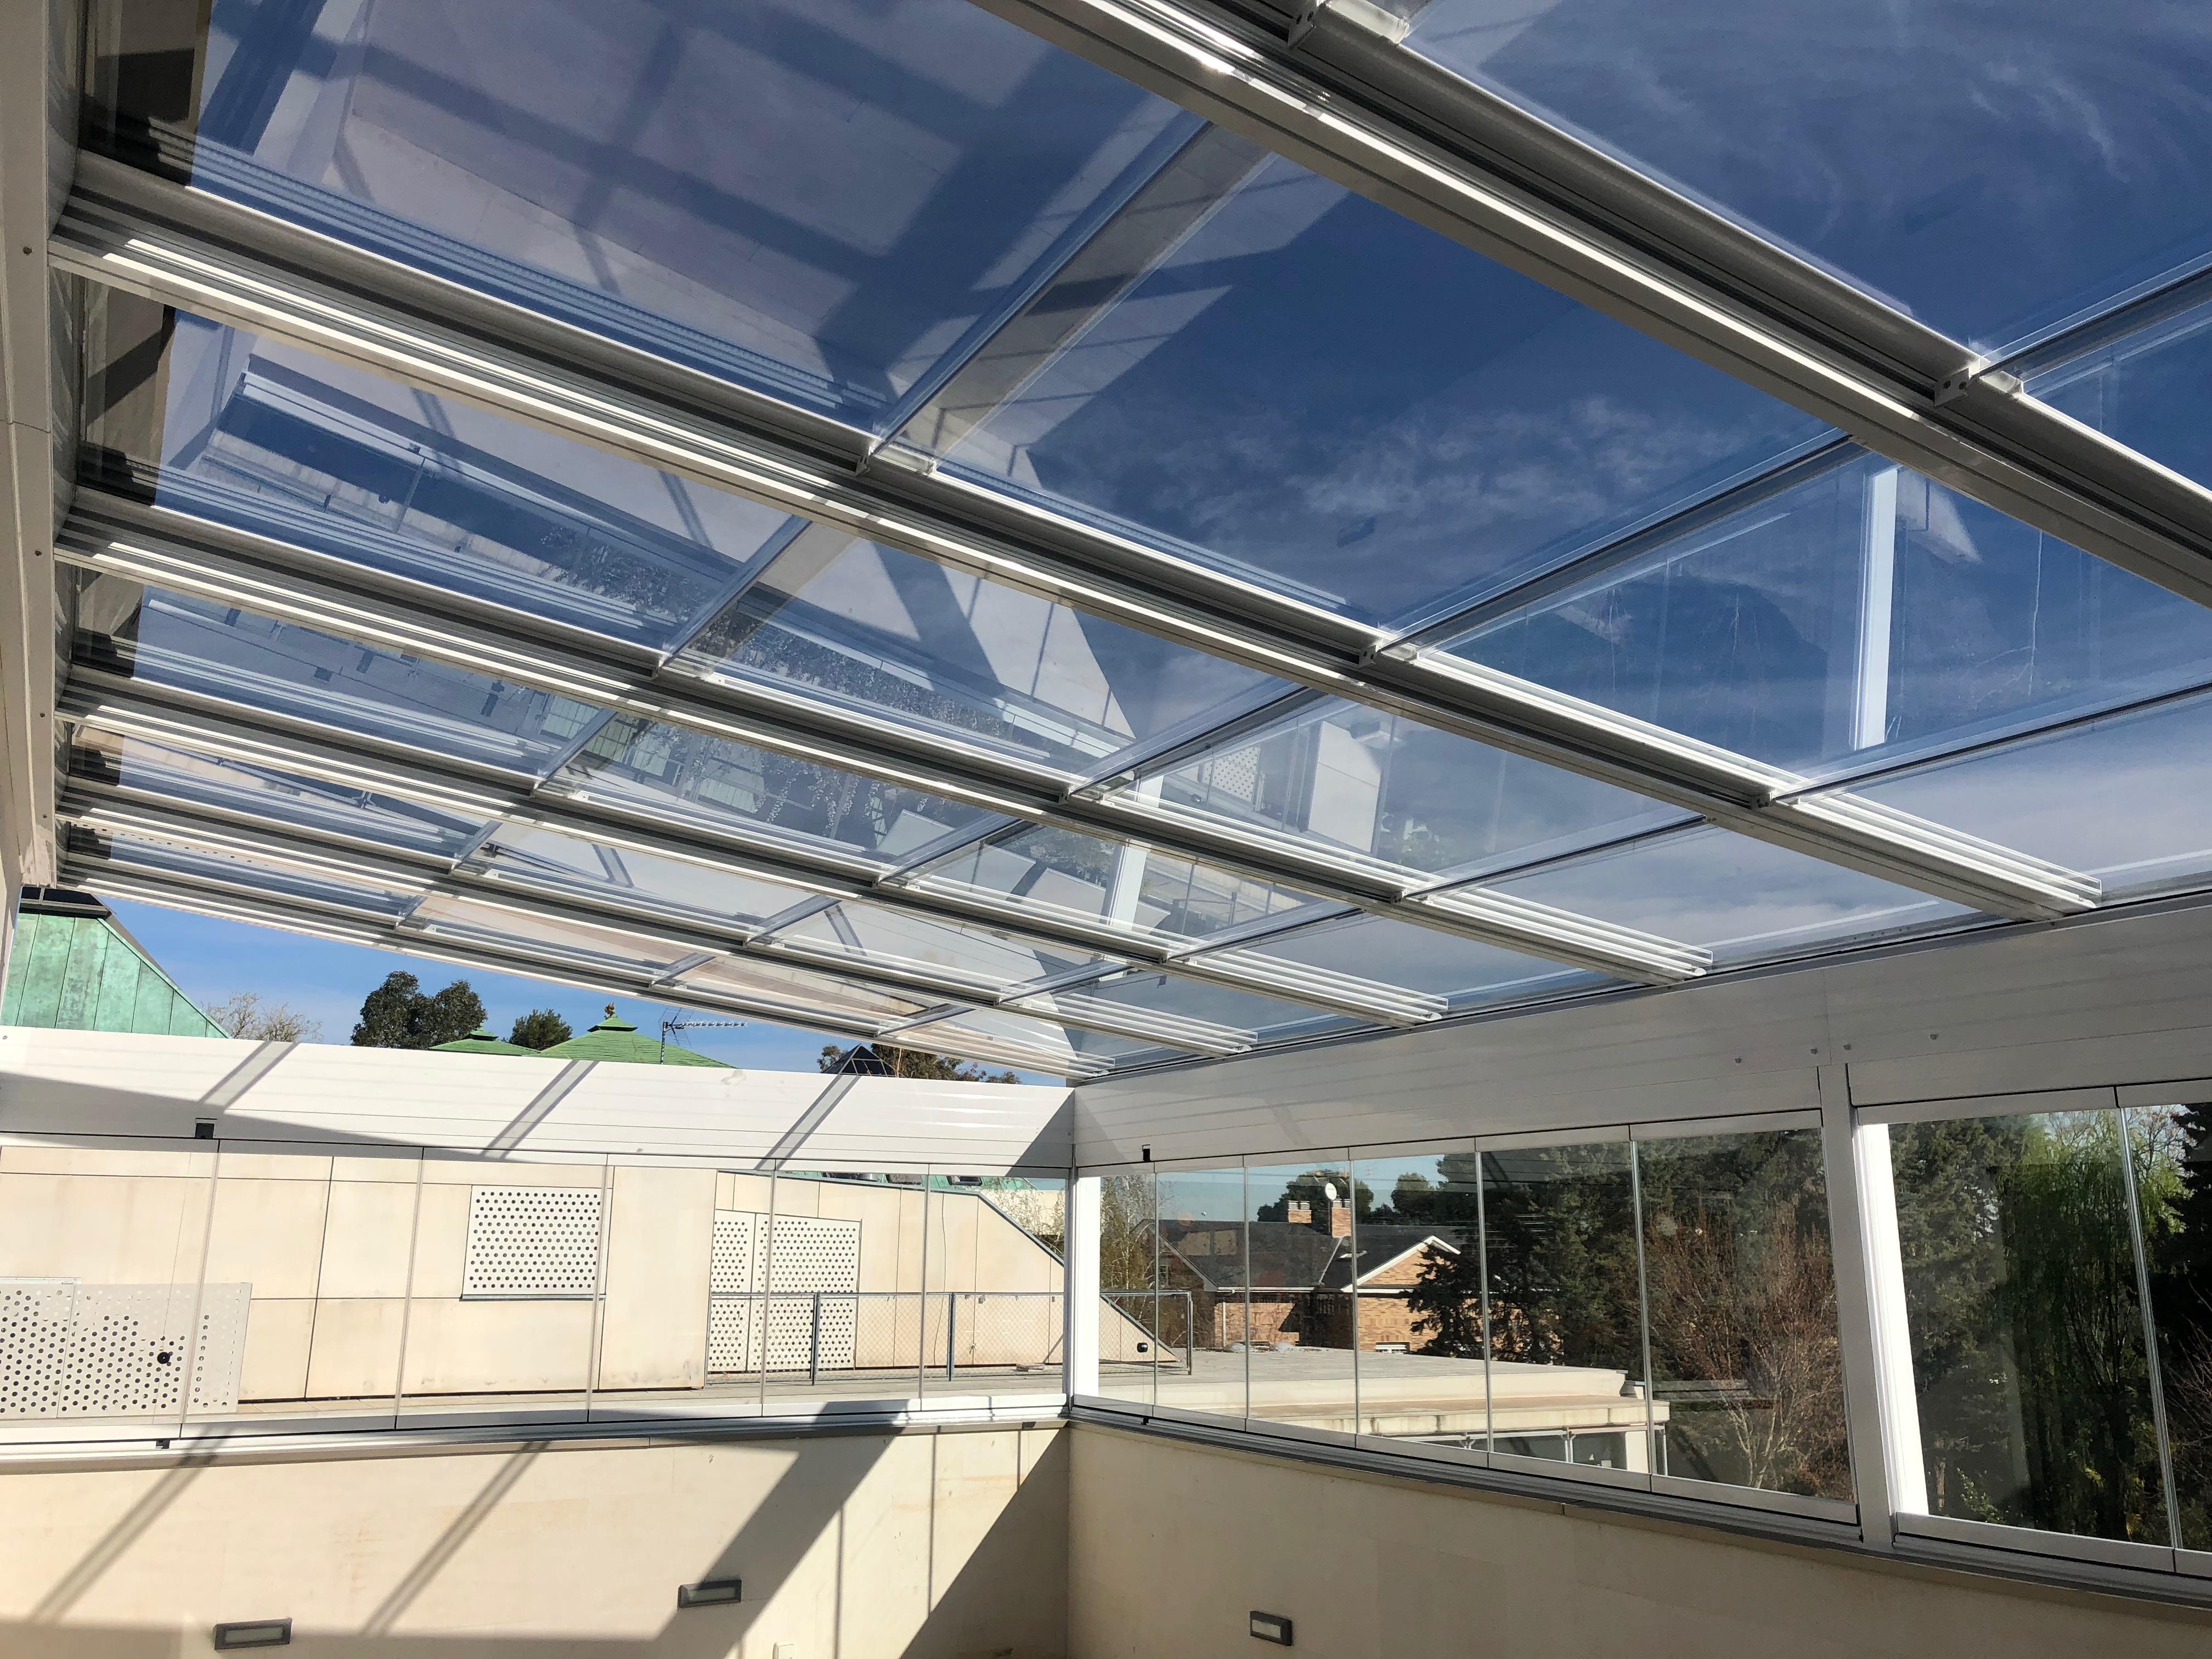 IMG 0486 - Acristalamiento techo móvil motorizado